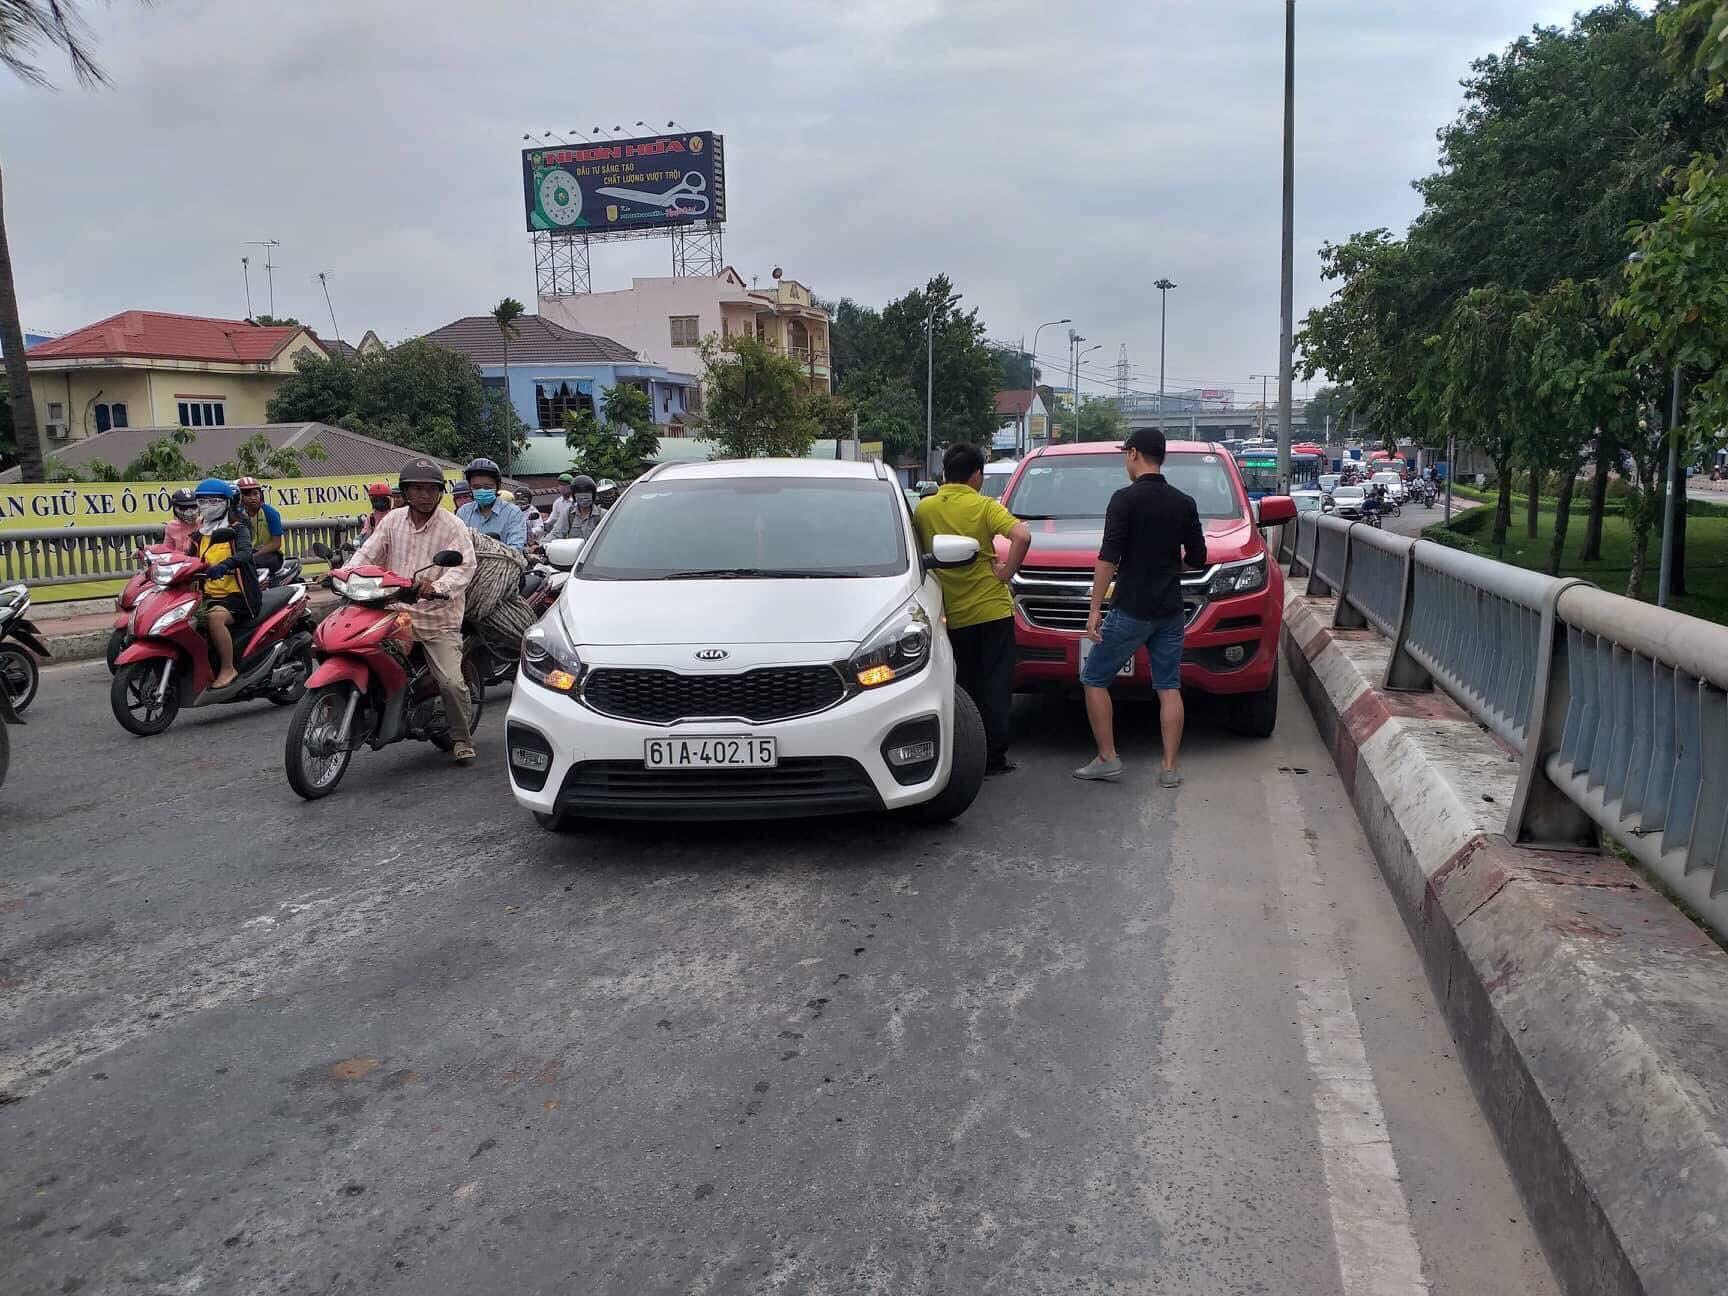 Va chạm liên tiếp trên cầu Bình Triệu, giao thông tê liệt hoàn toàn - Ảnh 1